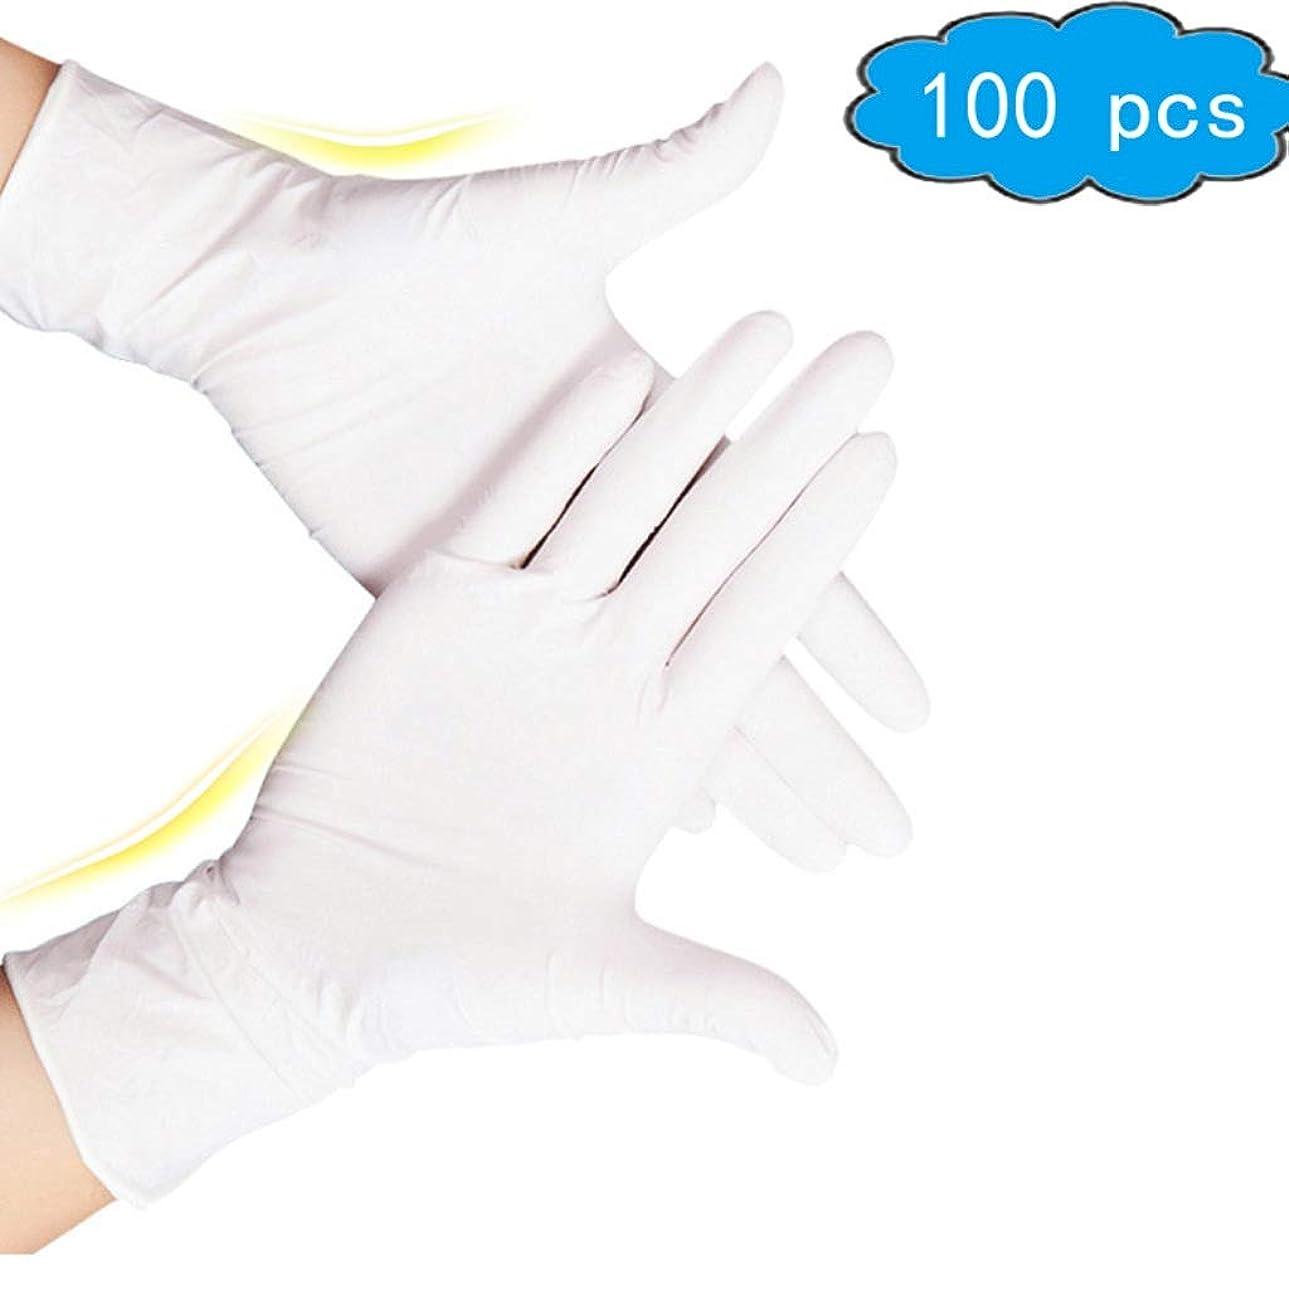 くびれた象強いホワイトニトリル使い捨て手袋 - 質感、検査、パウダーフリー、極厚5ミル、極太12